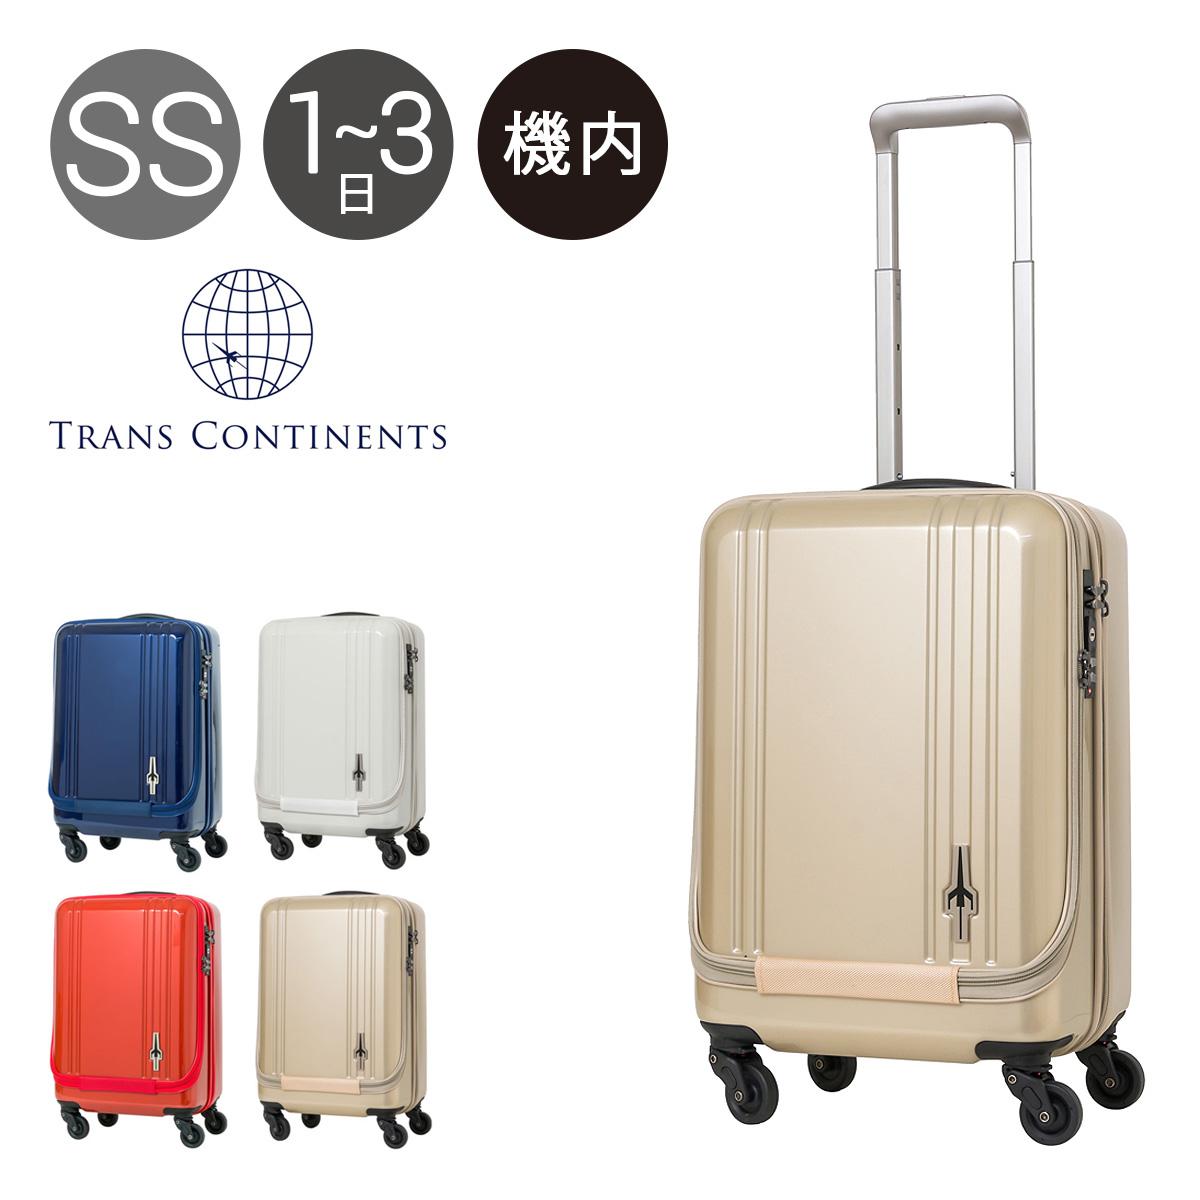 トランスコンチネンツ スーツケース TC-0724-48P 48cm 【 TRANS CONTINENTS キャリーケース キャリーバッグ ビジネスキャリー TSAロック搭載 機内持ち込み可 1年保証 】【bef】【即日発送】